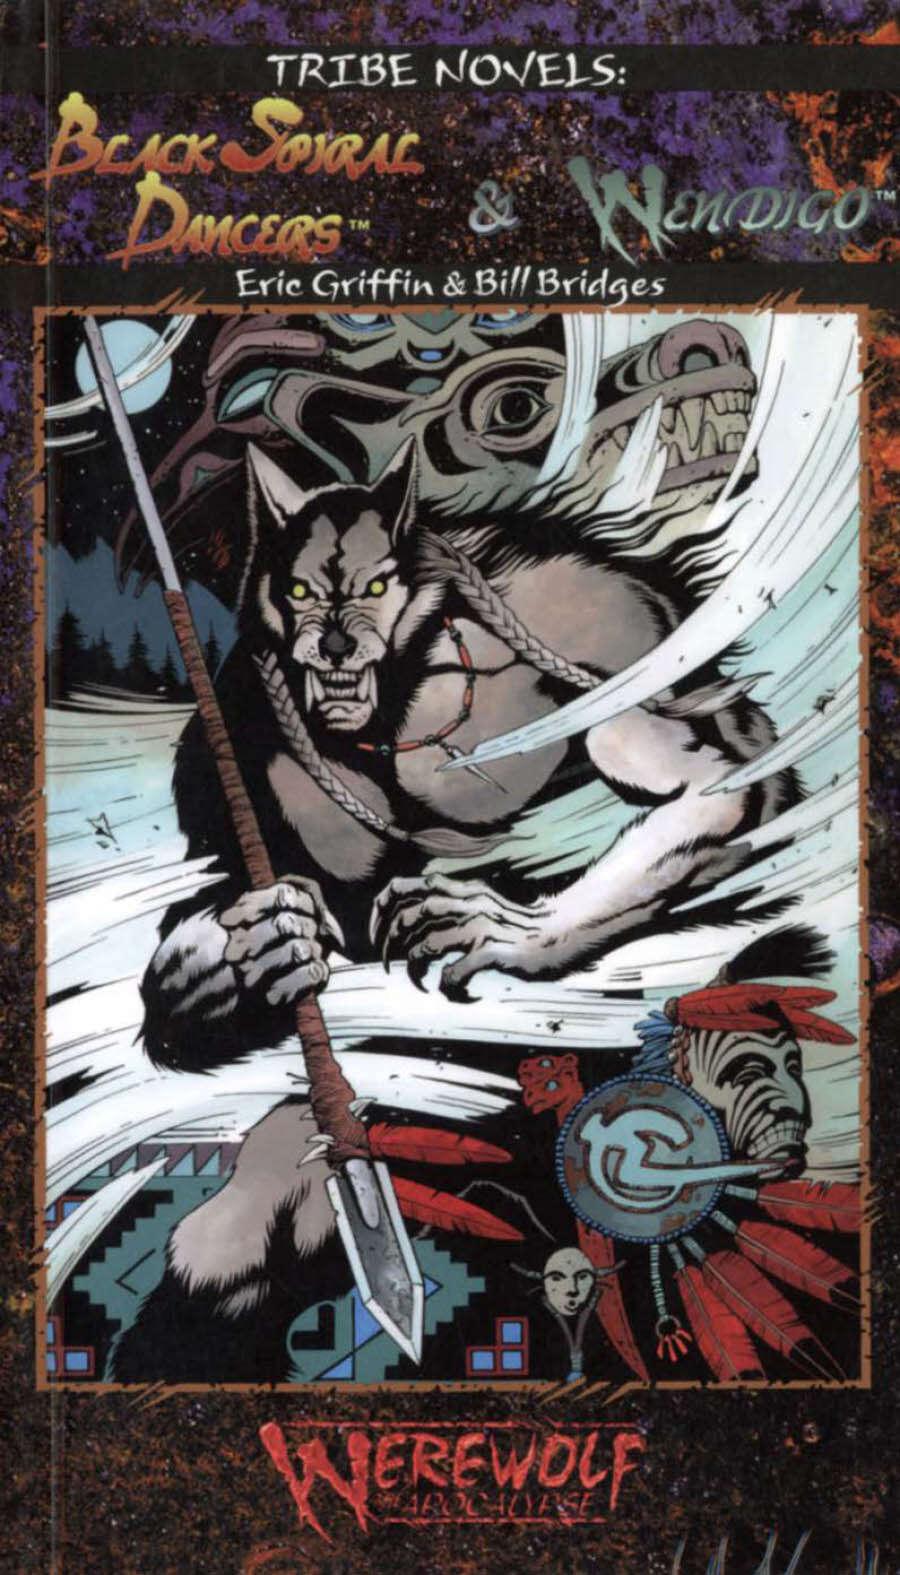 Tribe Novels: Black Spiral Dancers & Wendigo